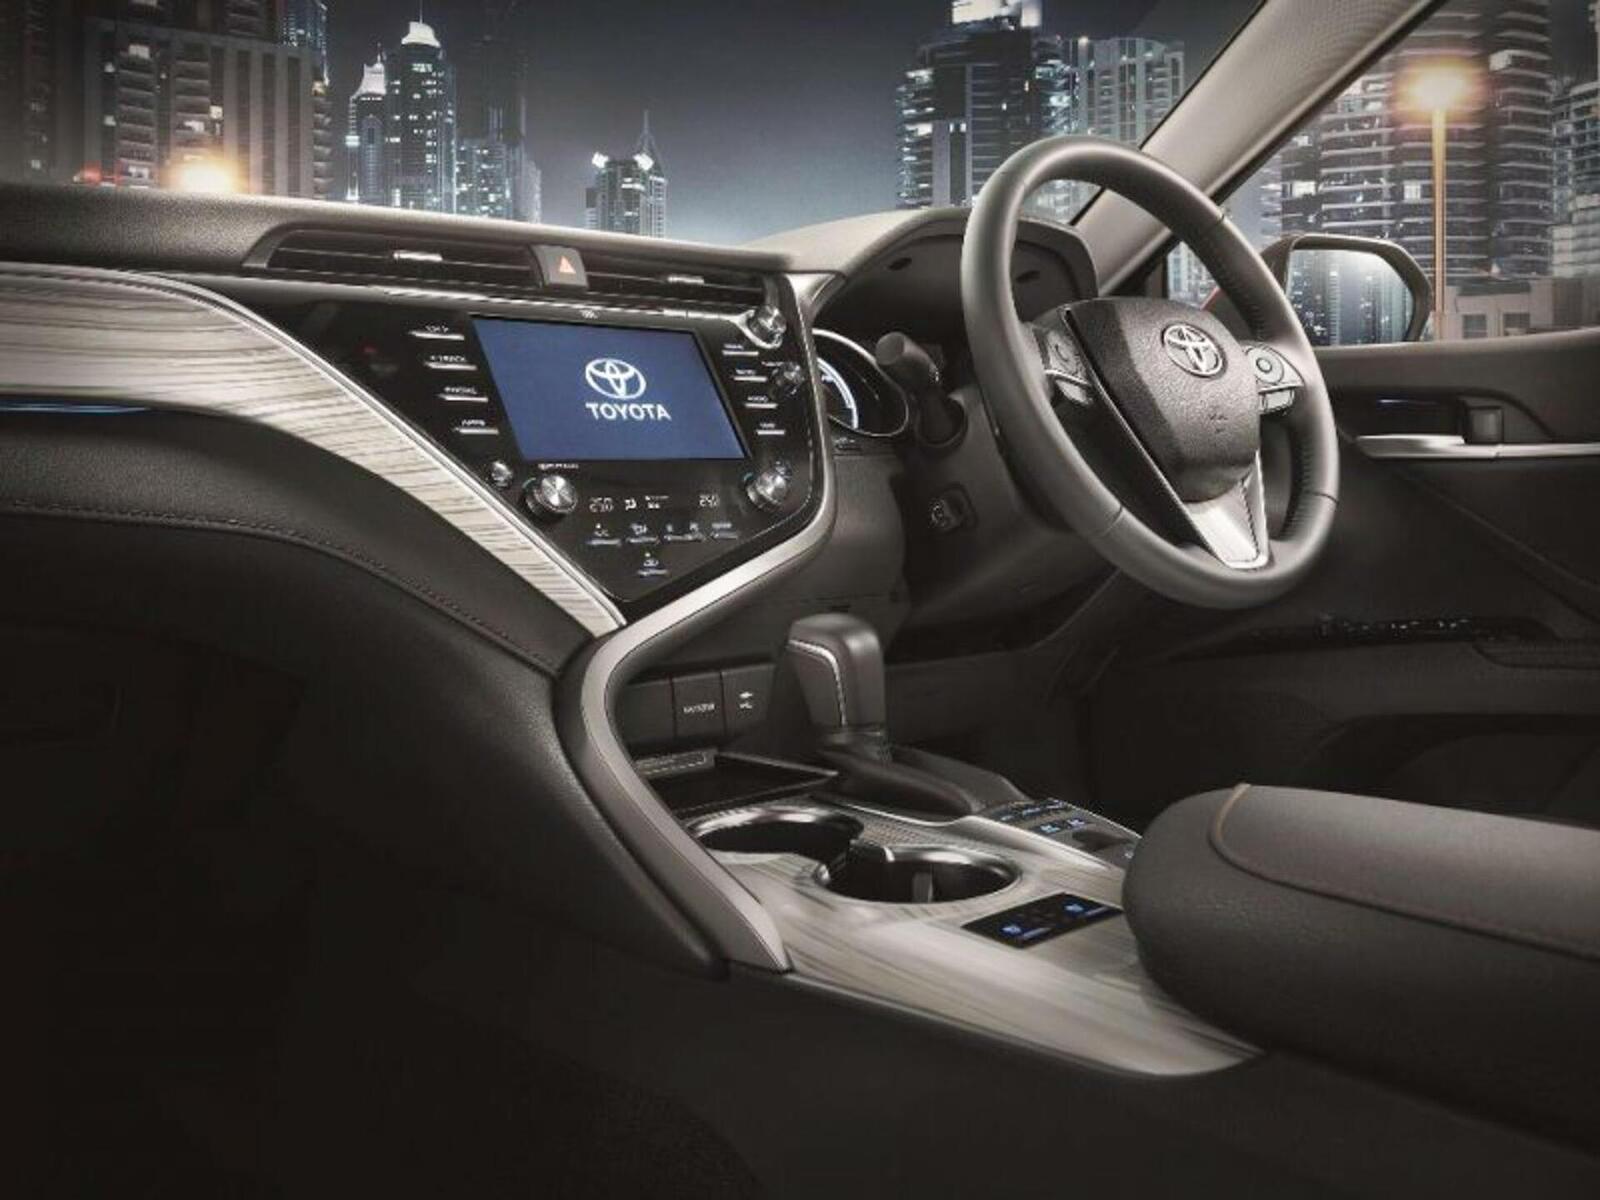 Toyota Camry thế hệ mới đã về đến Việt Nam - Chuẩn bị ra mắt công chúng - Hình 12